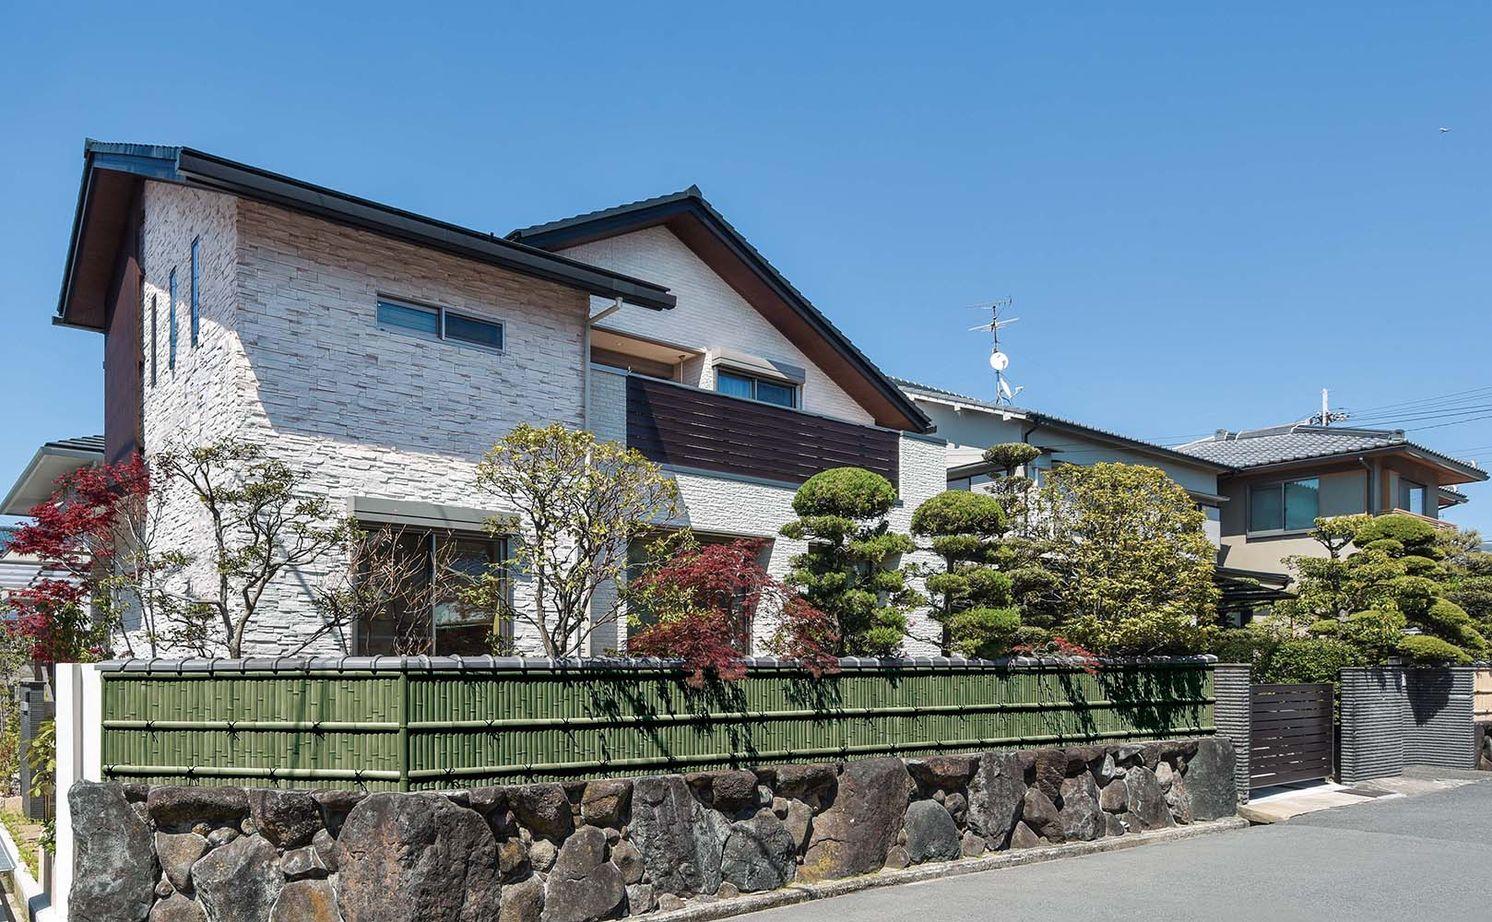 築40年の木造住宅を建て替えて快適に暮らす。美しい庭を眺めながら親族友人がゆったり集える大空間の家画像1